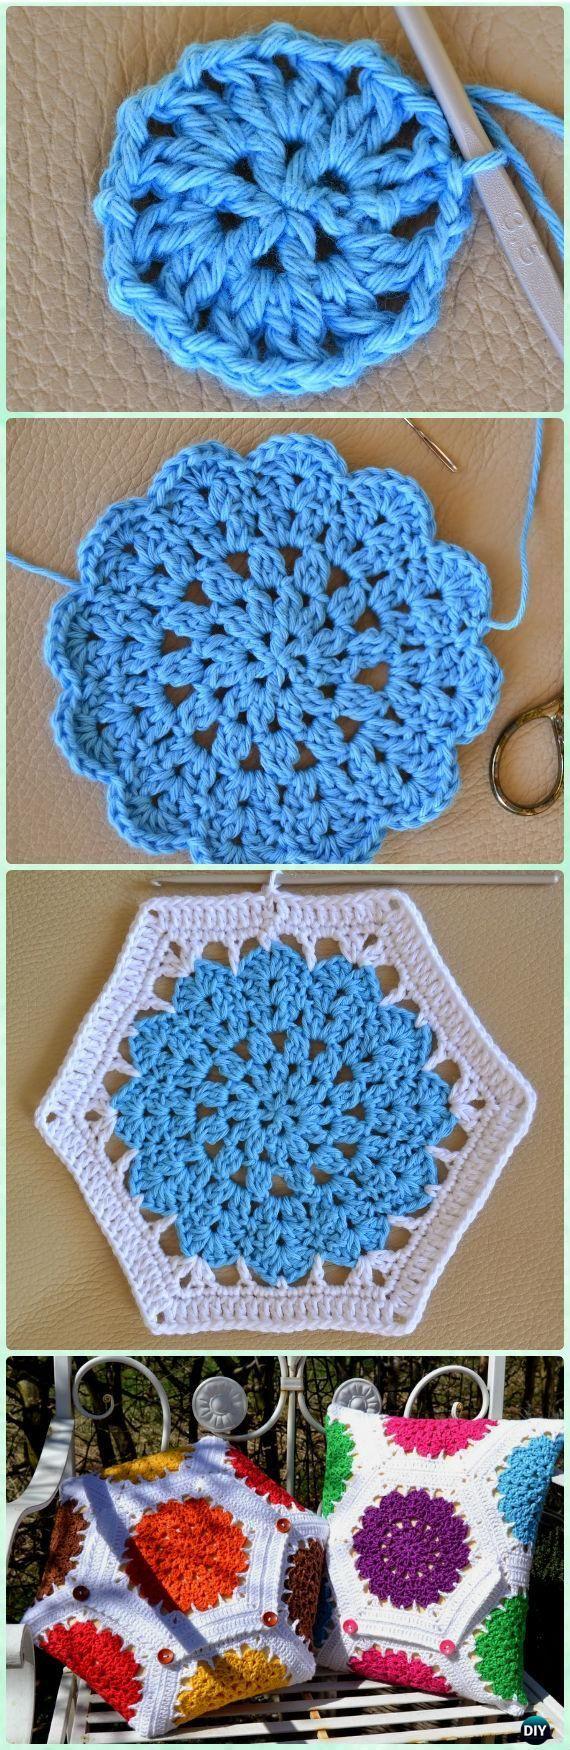 162 besten Crochet Patterns Bilder auf Pinterest | Stricken häkeln ...